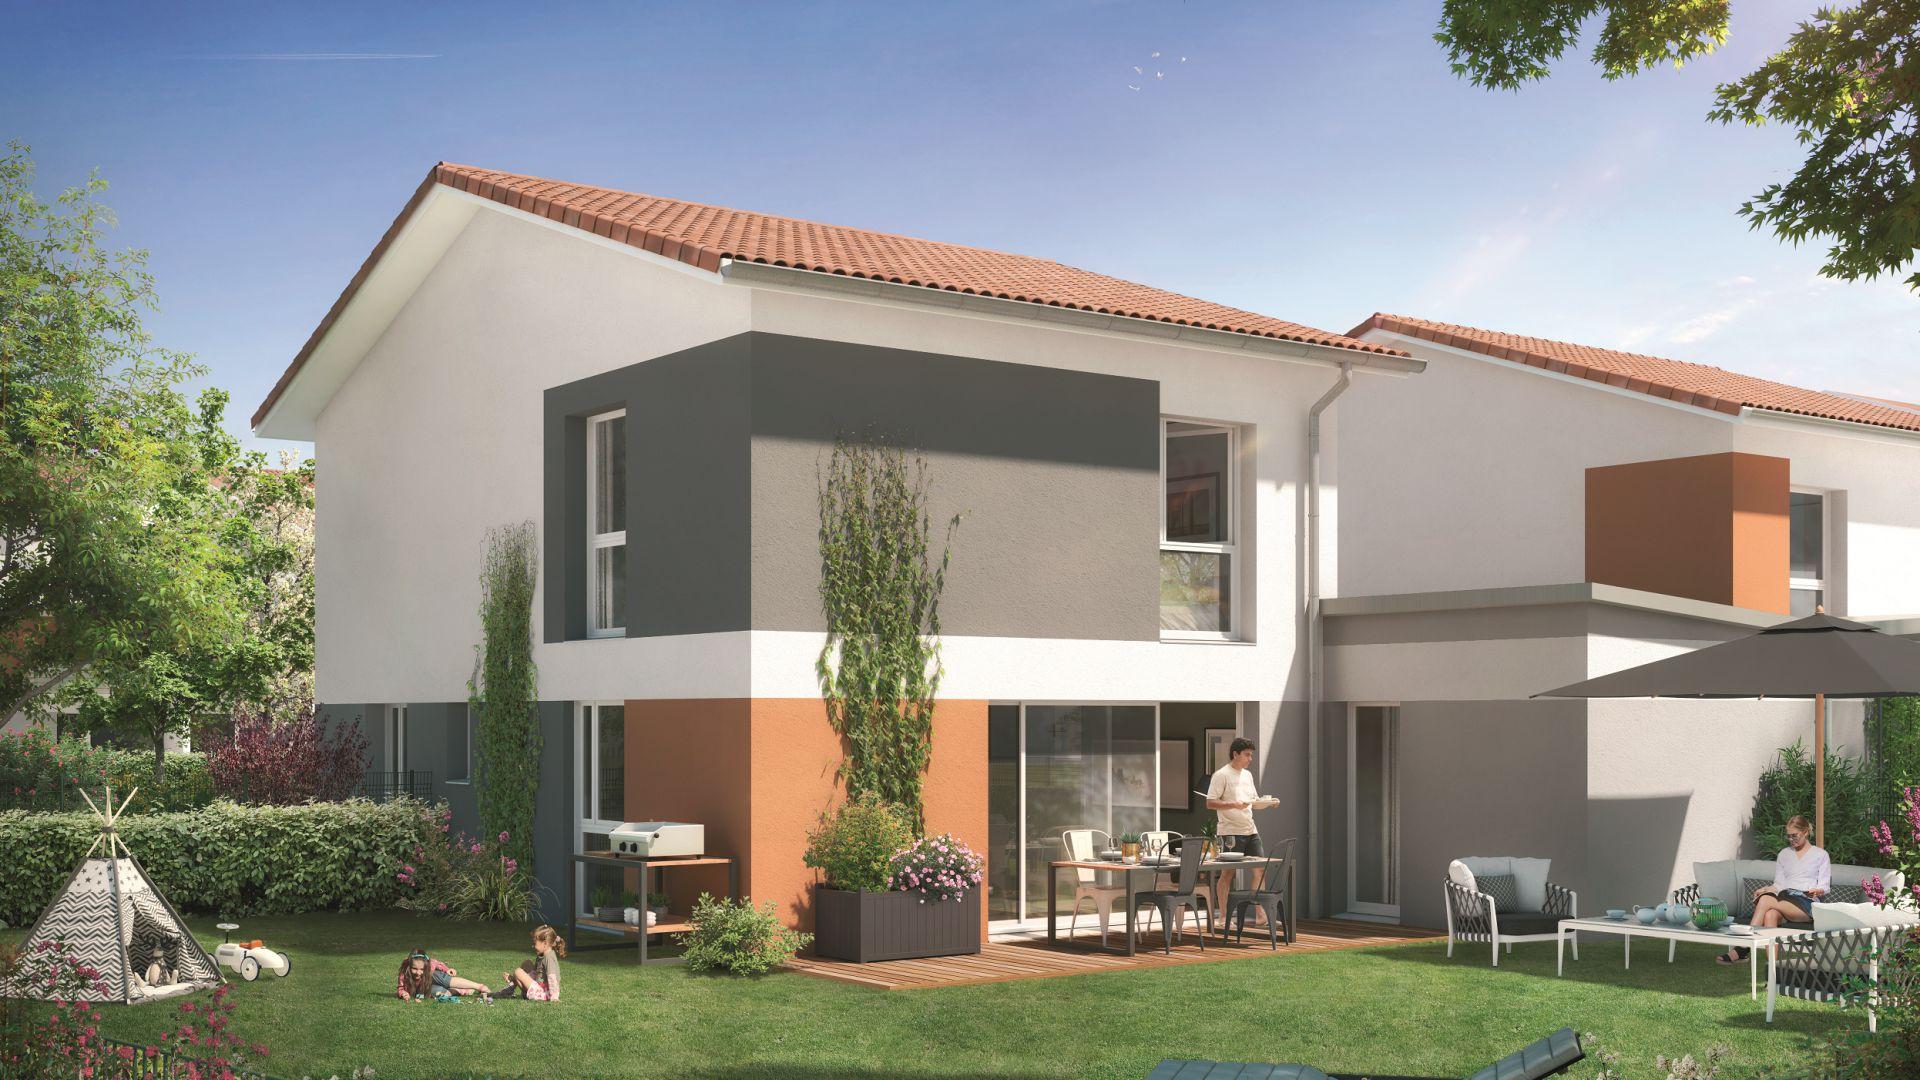 GreenCity immobilier - Aussonne 31840 - Résidence l azalee - achat villa neuve aussonne - T5